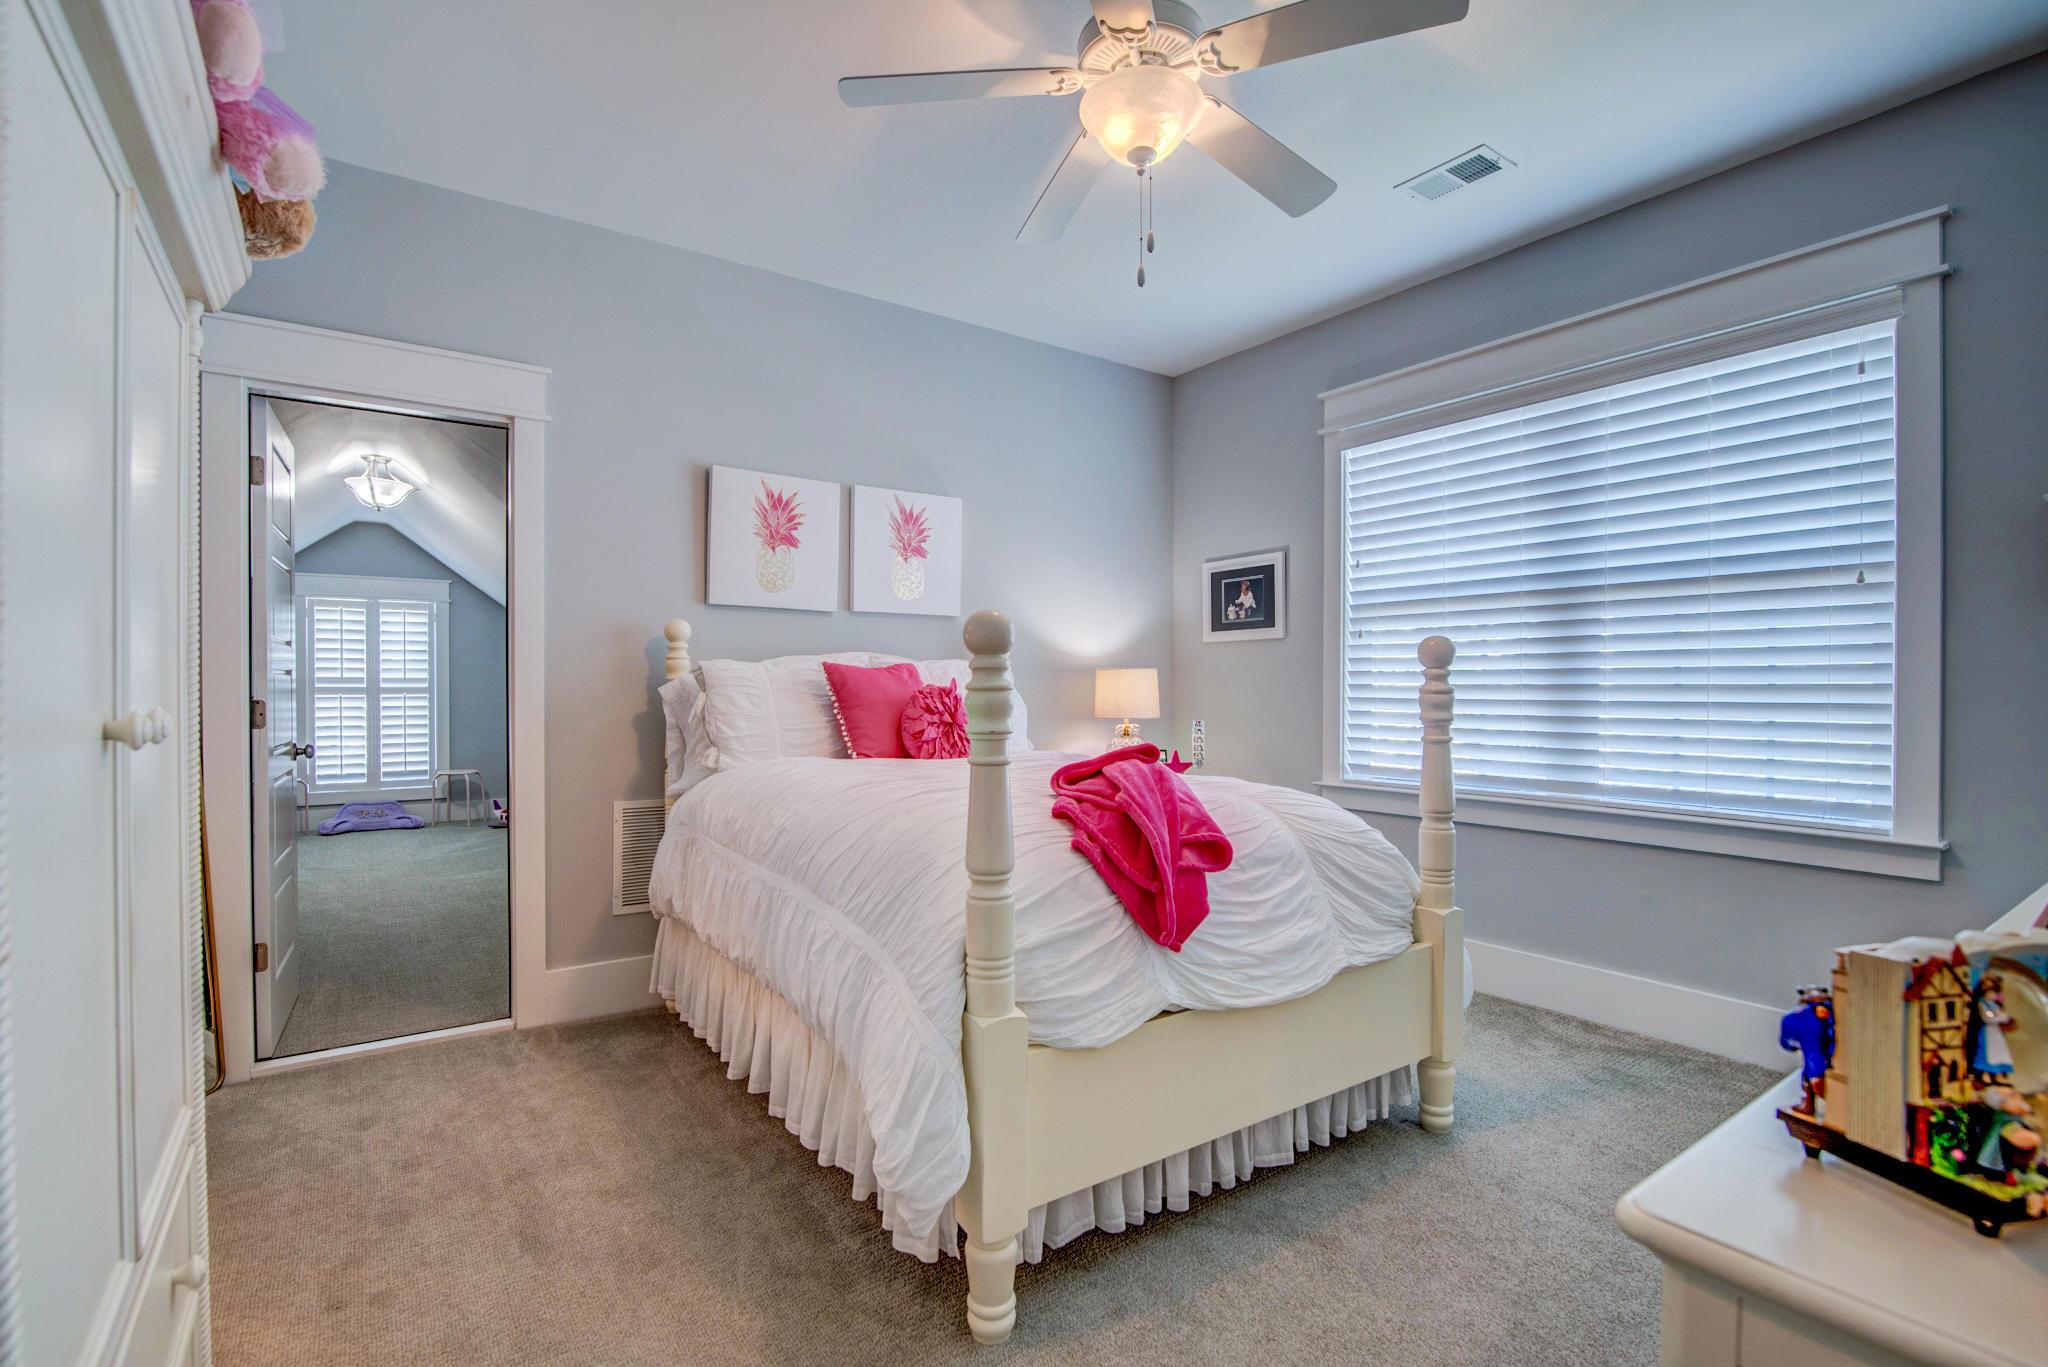 Dunes West Homes For Sale - 2883 River Vista, Mount Pleasant, SC - 9